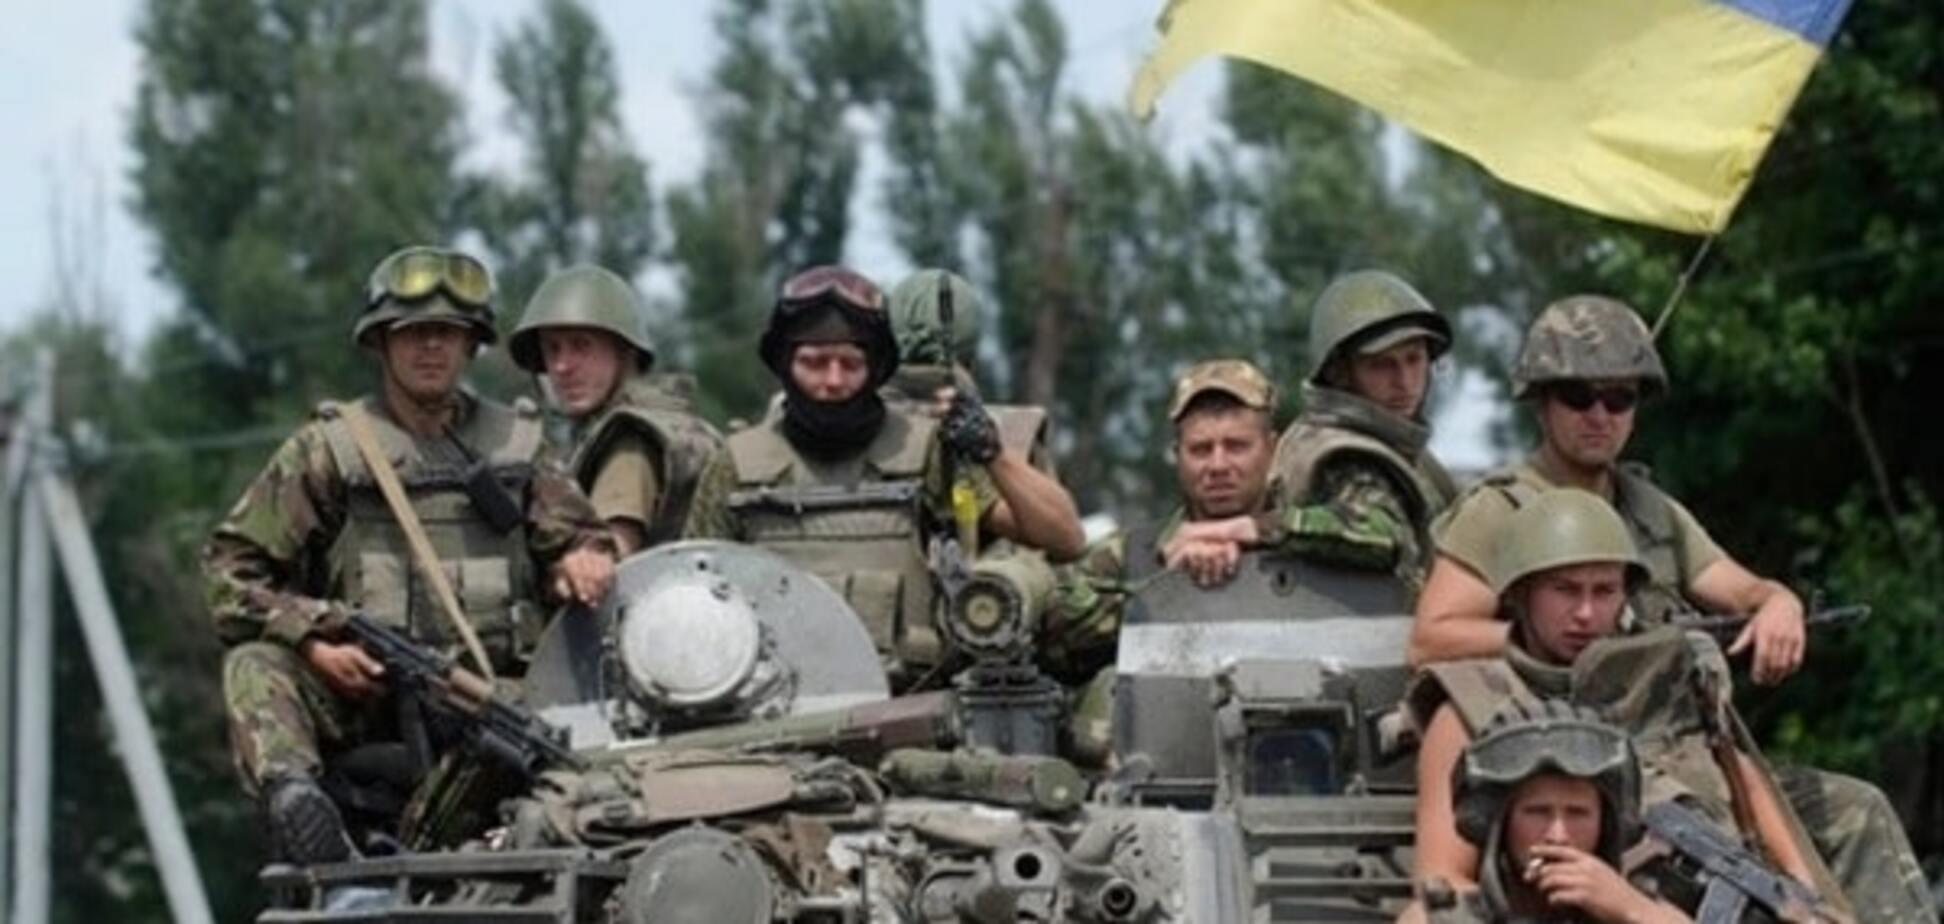 Порошенко объявил о демобилизации 5 волны